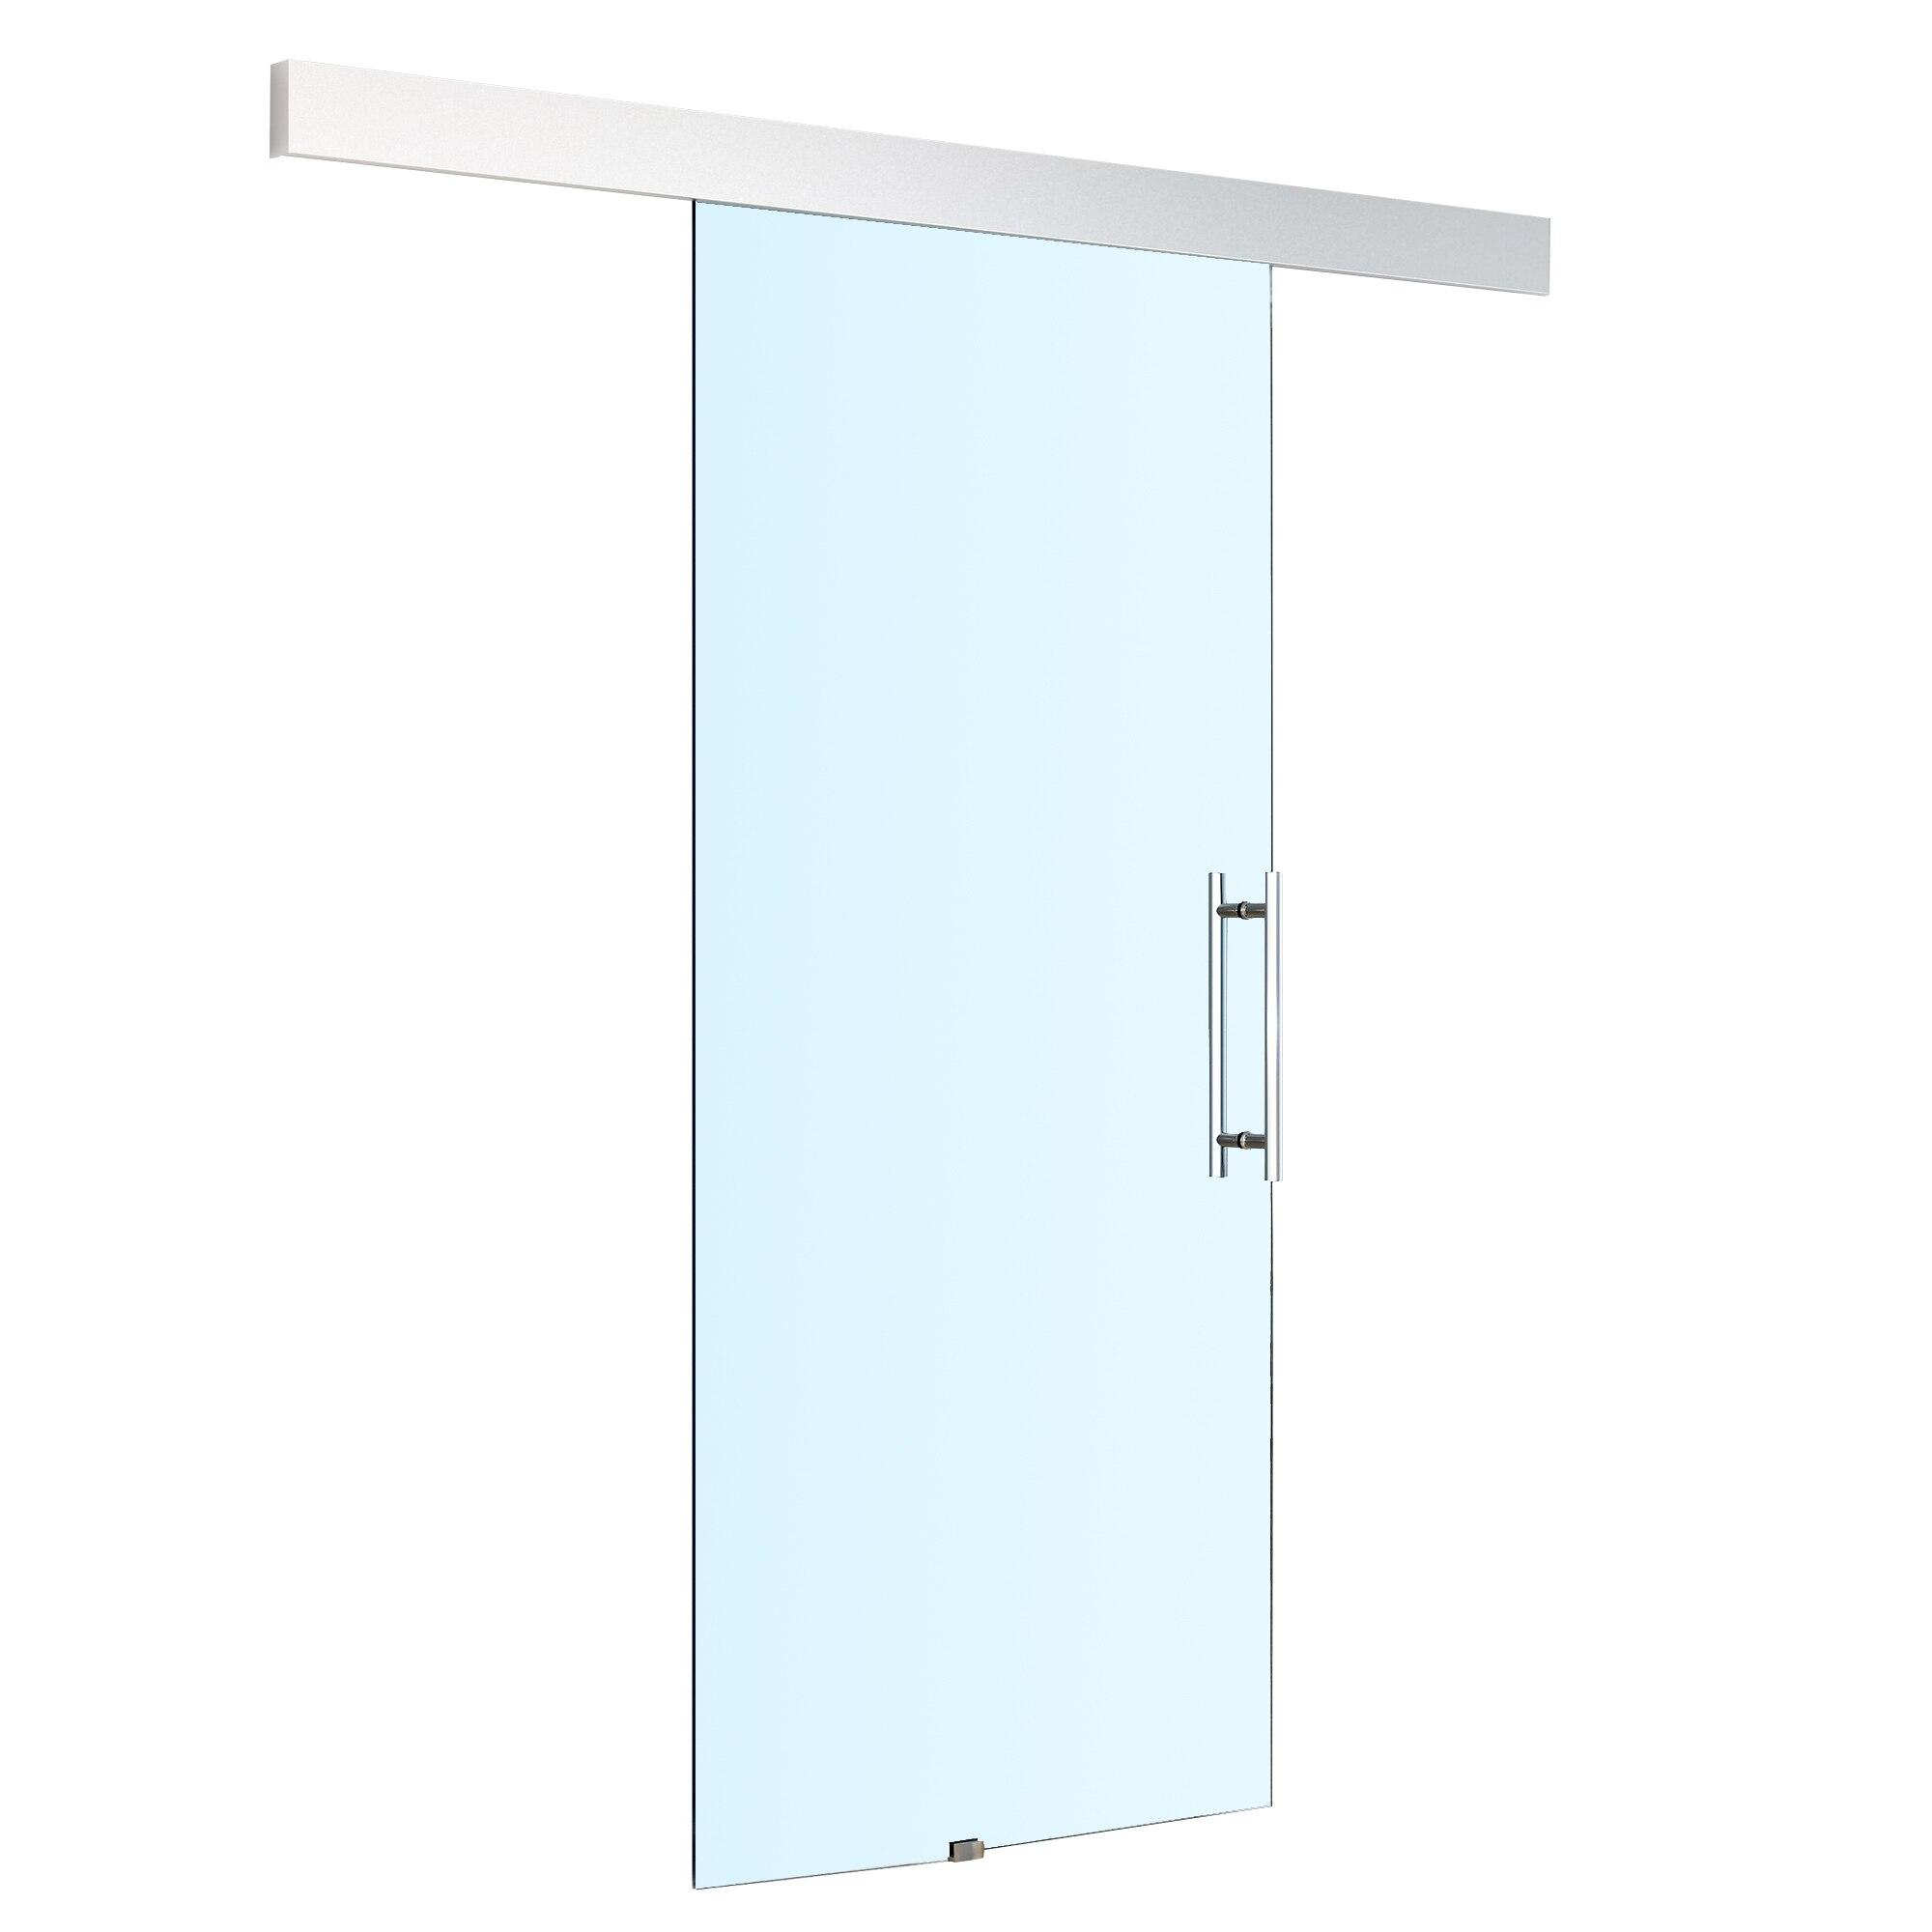 HOMCOM Transparent Glass Sliding Door Track Silent Handle Interior 200 × 213cm